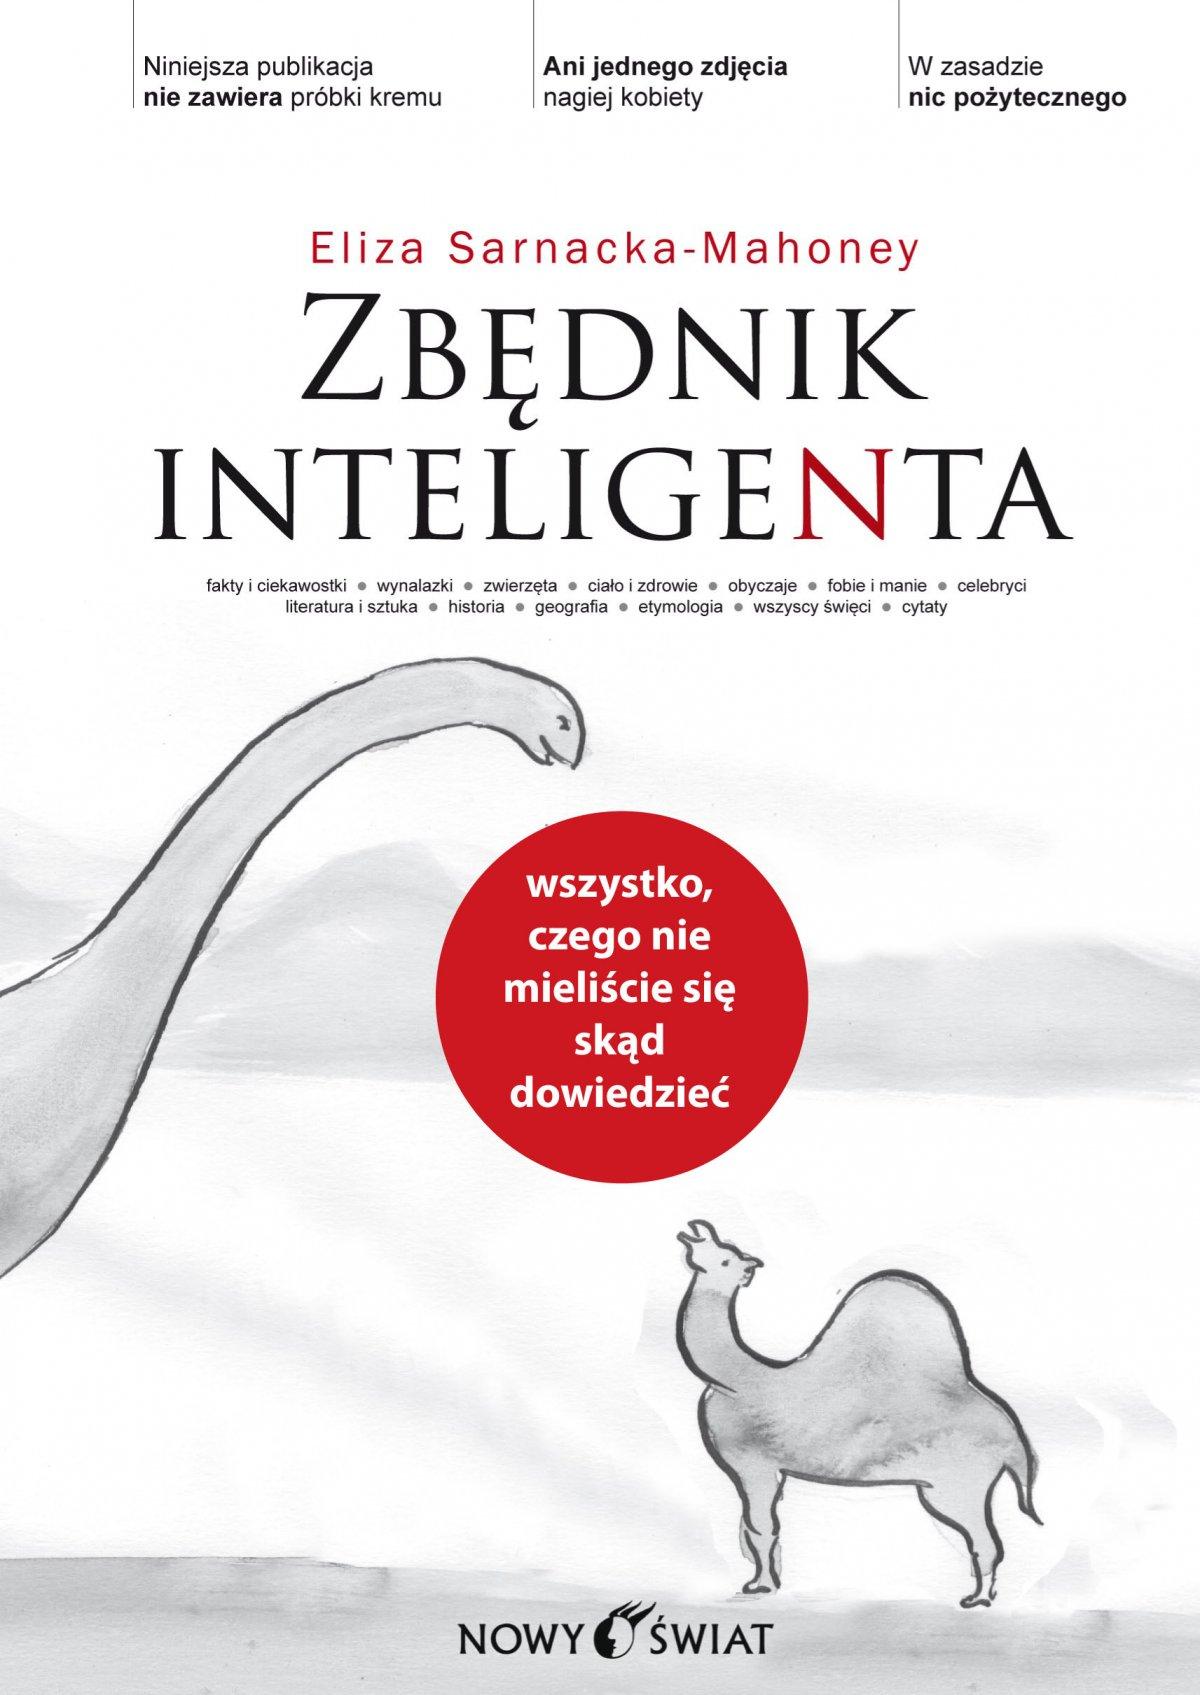 Zbędnik inteligenta - Ebook (Książka PDF) do pobrania w formacie PDF